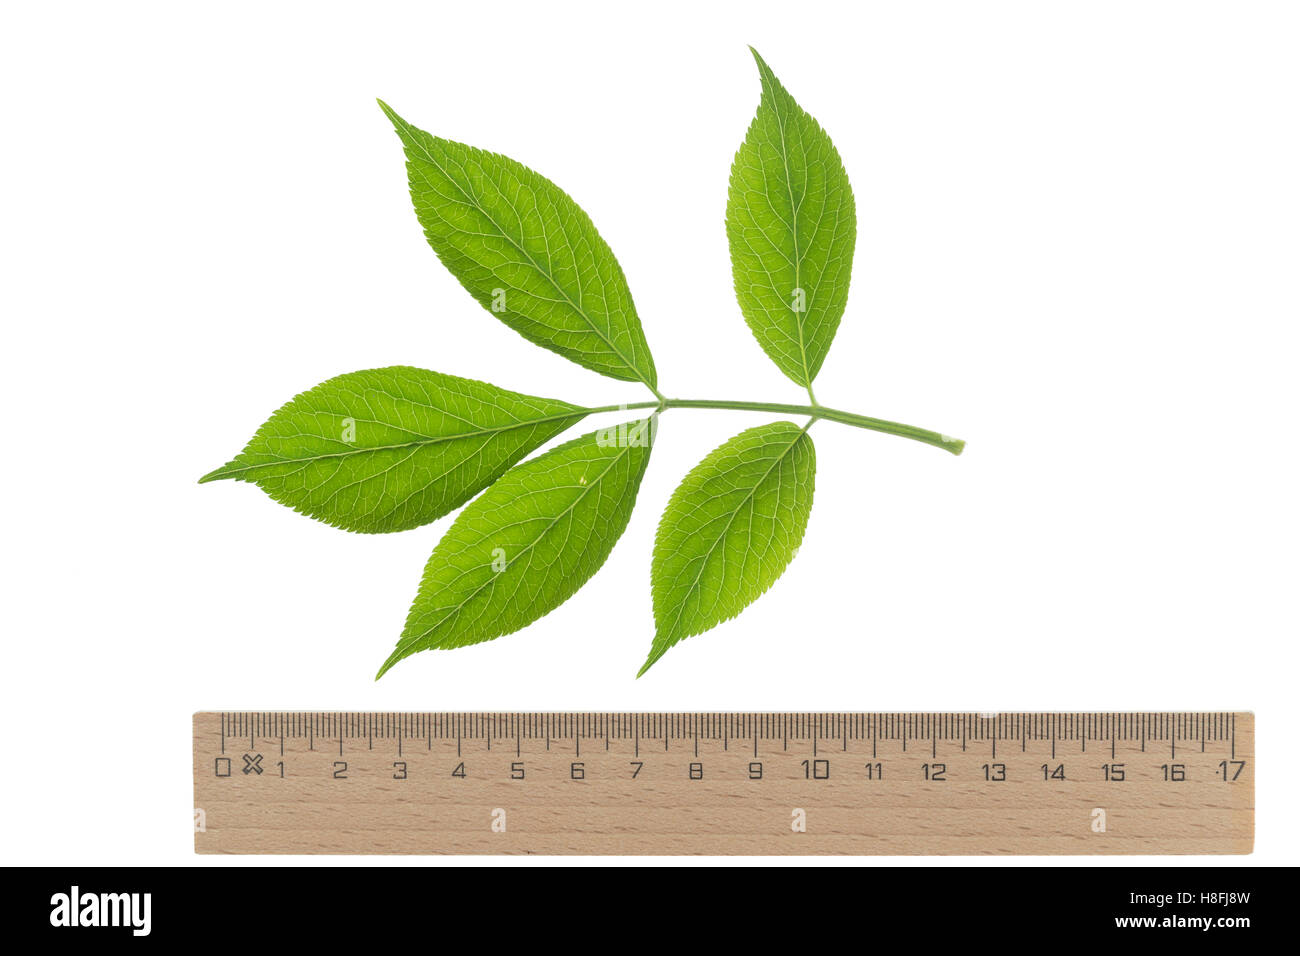 Schwarzer Holunder, Sambucus nigra, Fliederbeeren, Fliederbeere, Common Elder, Elderberry, Sureau commun, Sureau - Stock Image